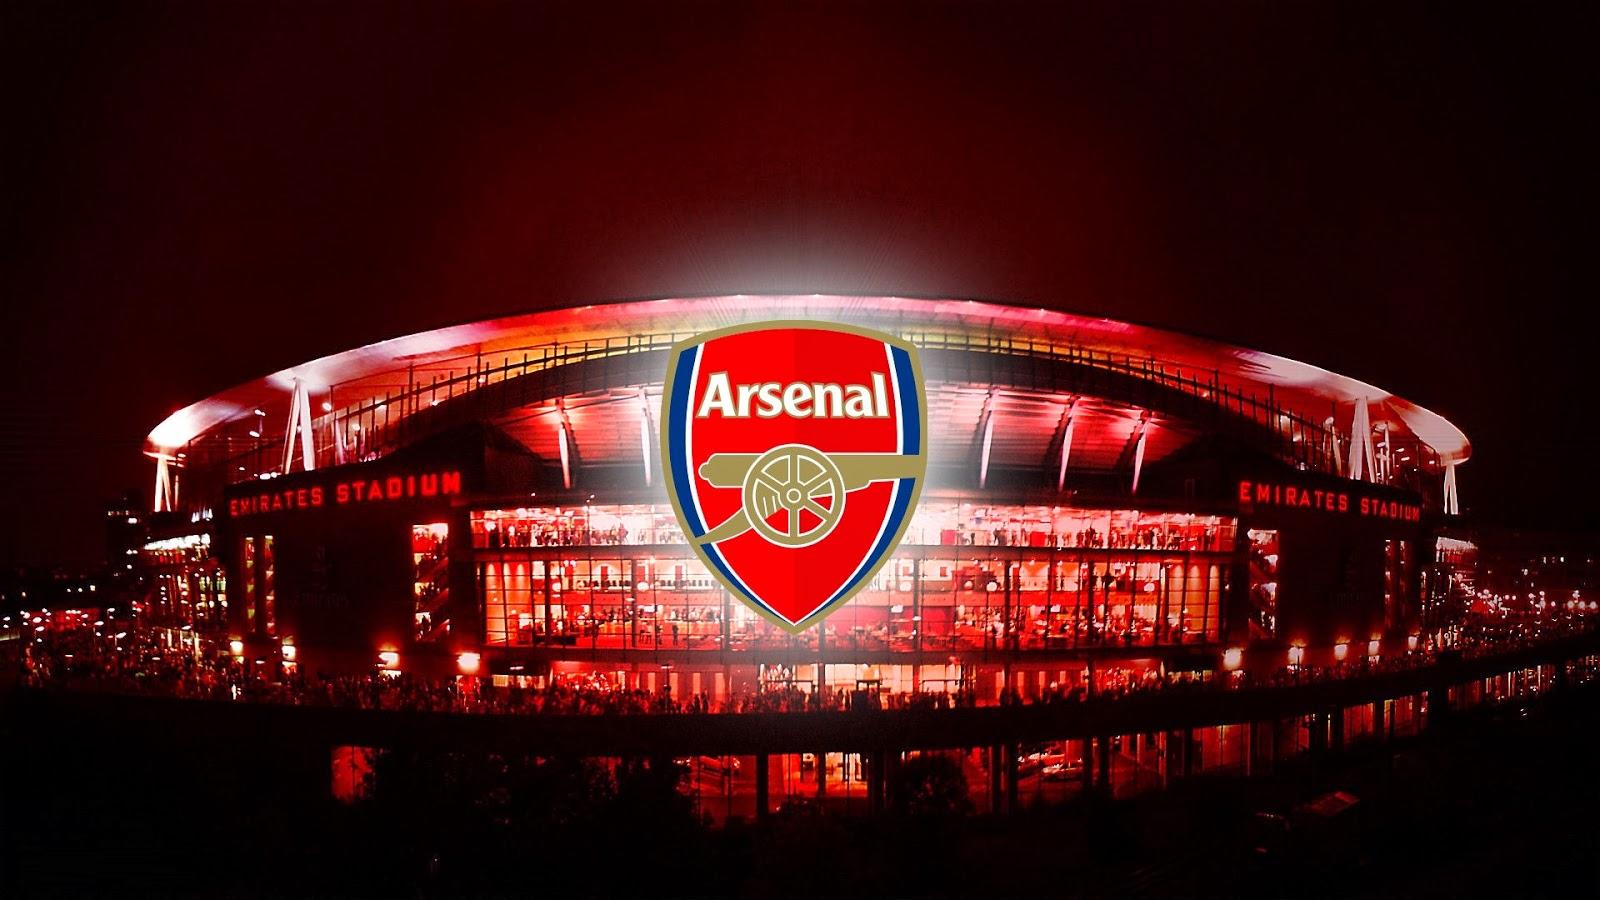 Emirates staditum arsenal background